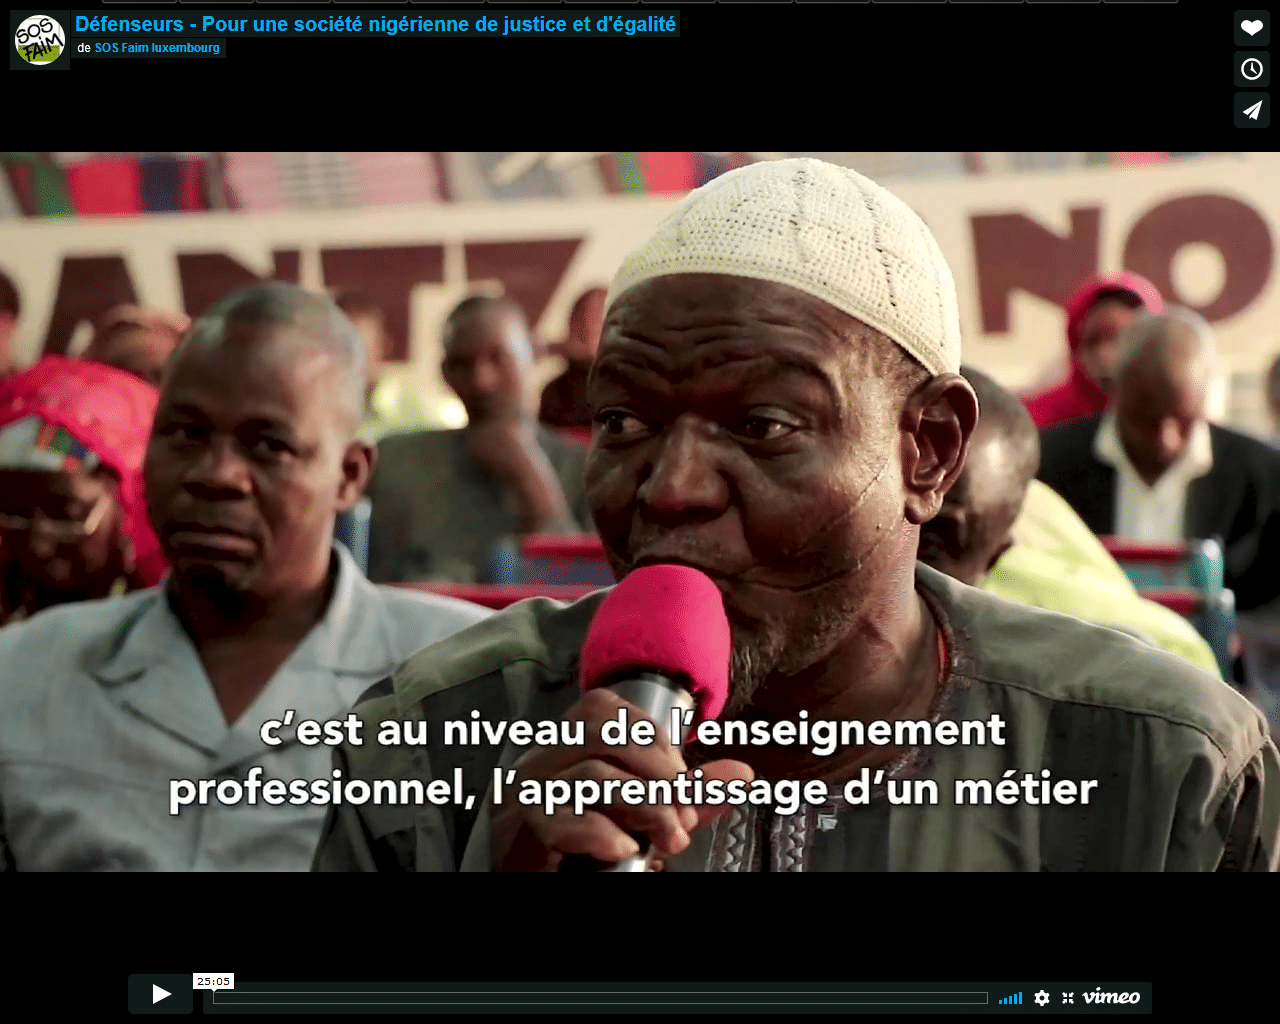 Video - Défenseurs, pour une société nigérienne de justice et d'égalité